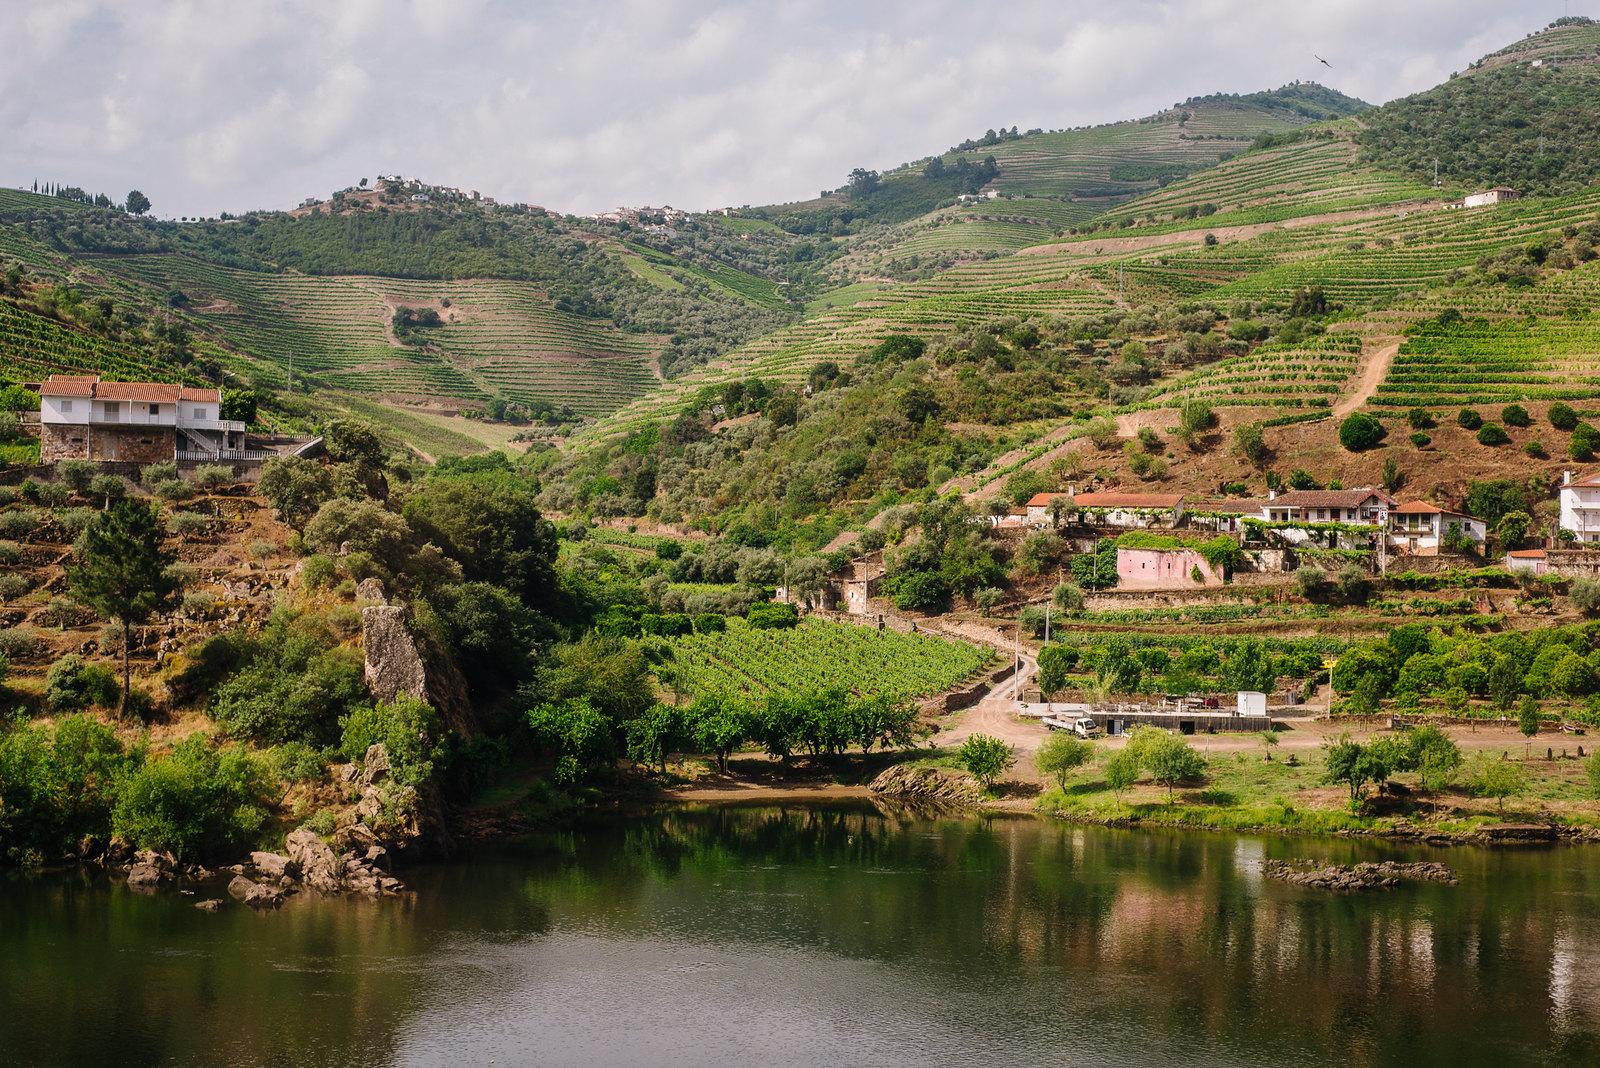 Douro-völgye a vonatról és a teraszosan művelt szőlő.